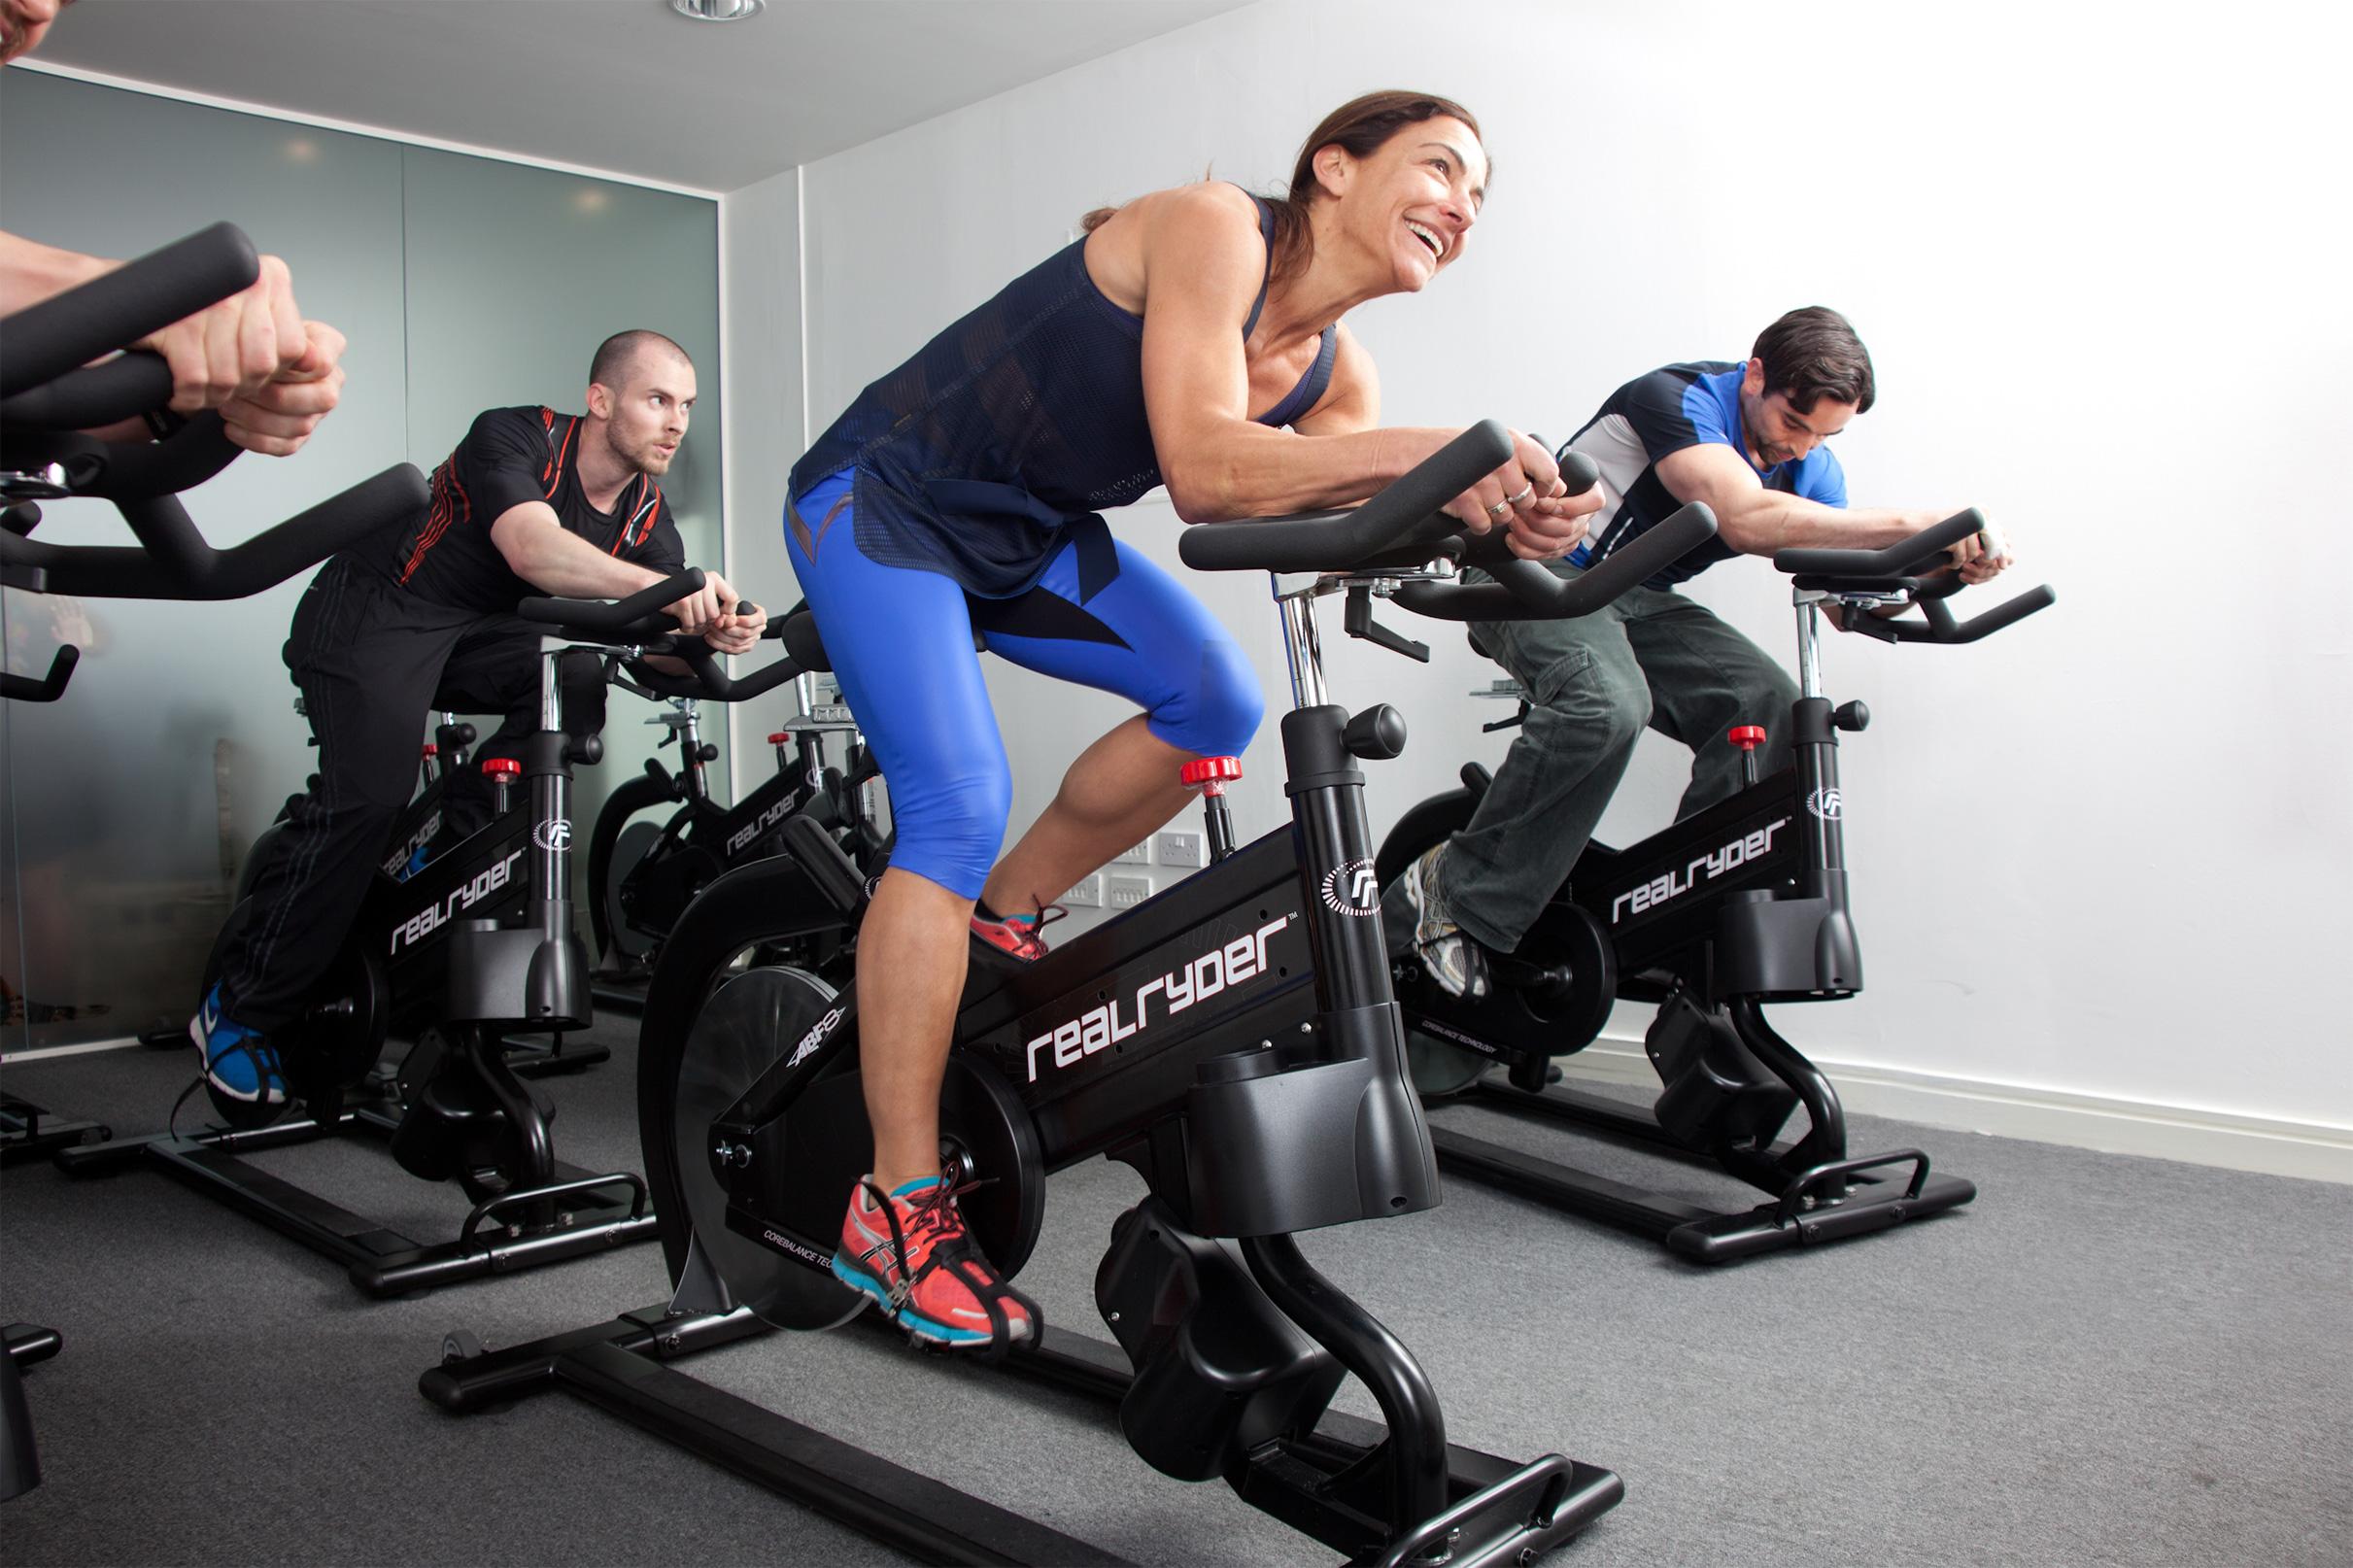 Тренировка на велотренажере картинка